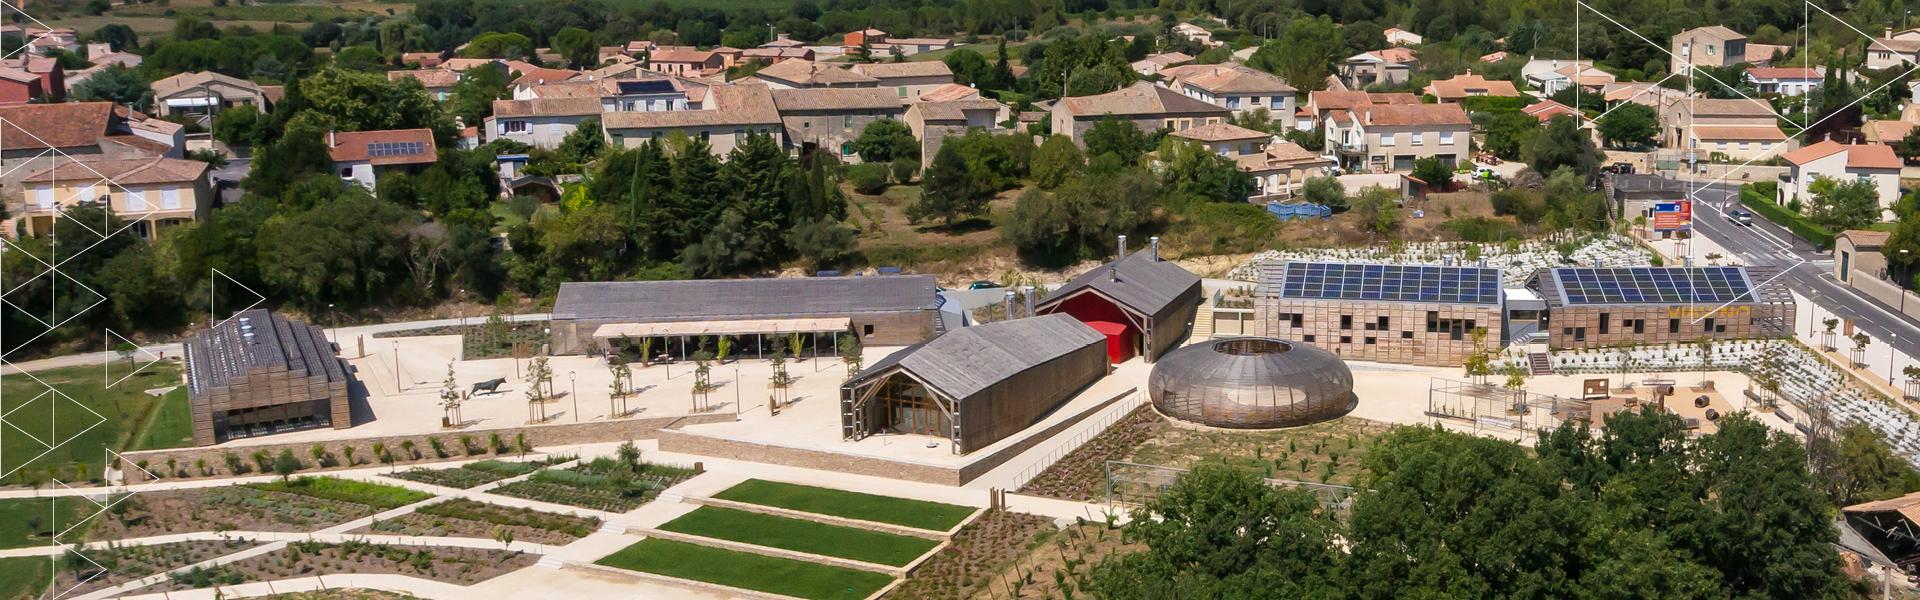 Les 40 ans se poursuivent le 11 décembre à Monein avec une soirée-débat sur l'innovation architecturale en milieu rural